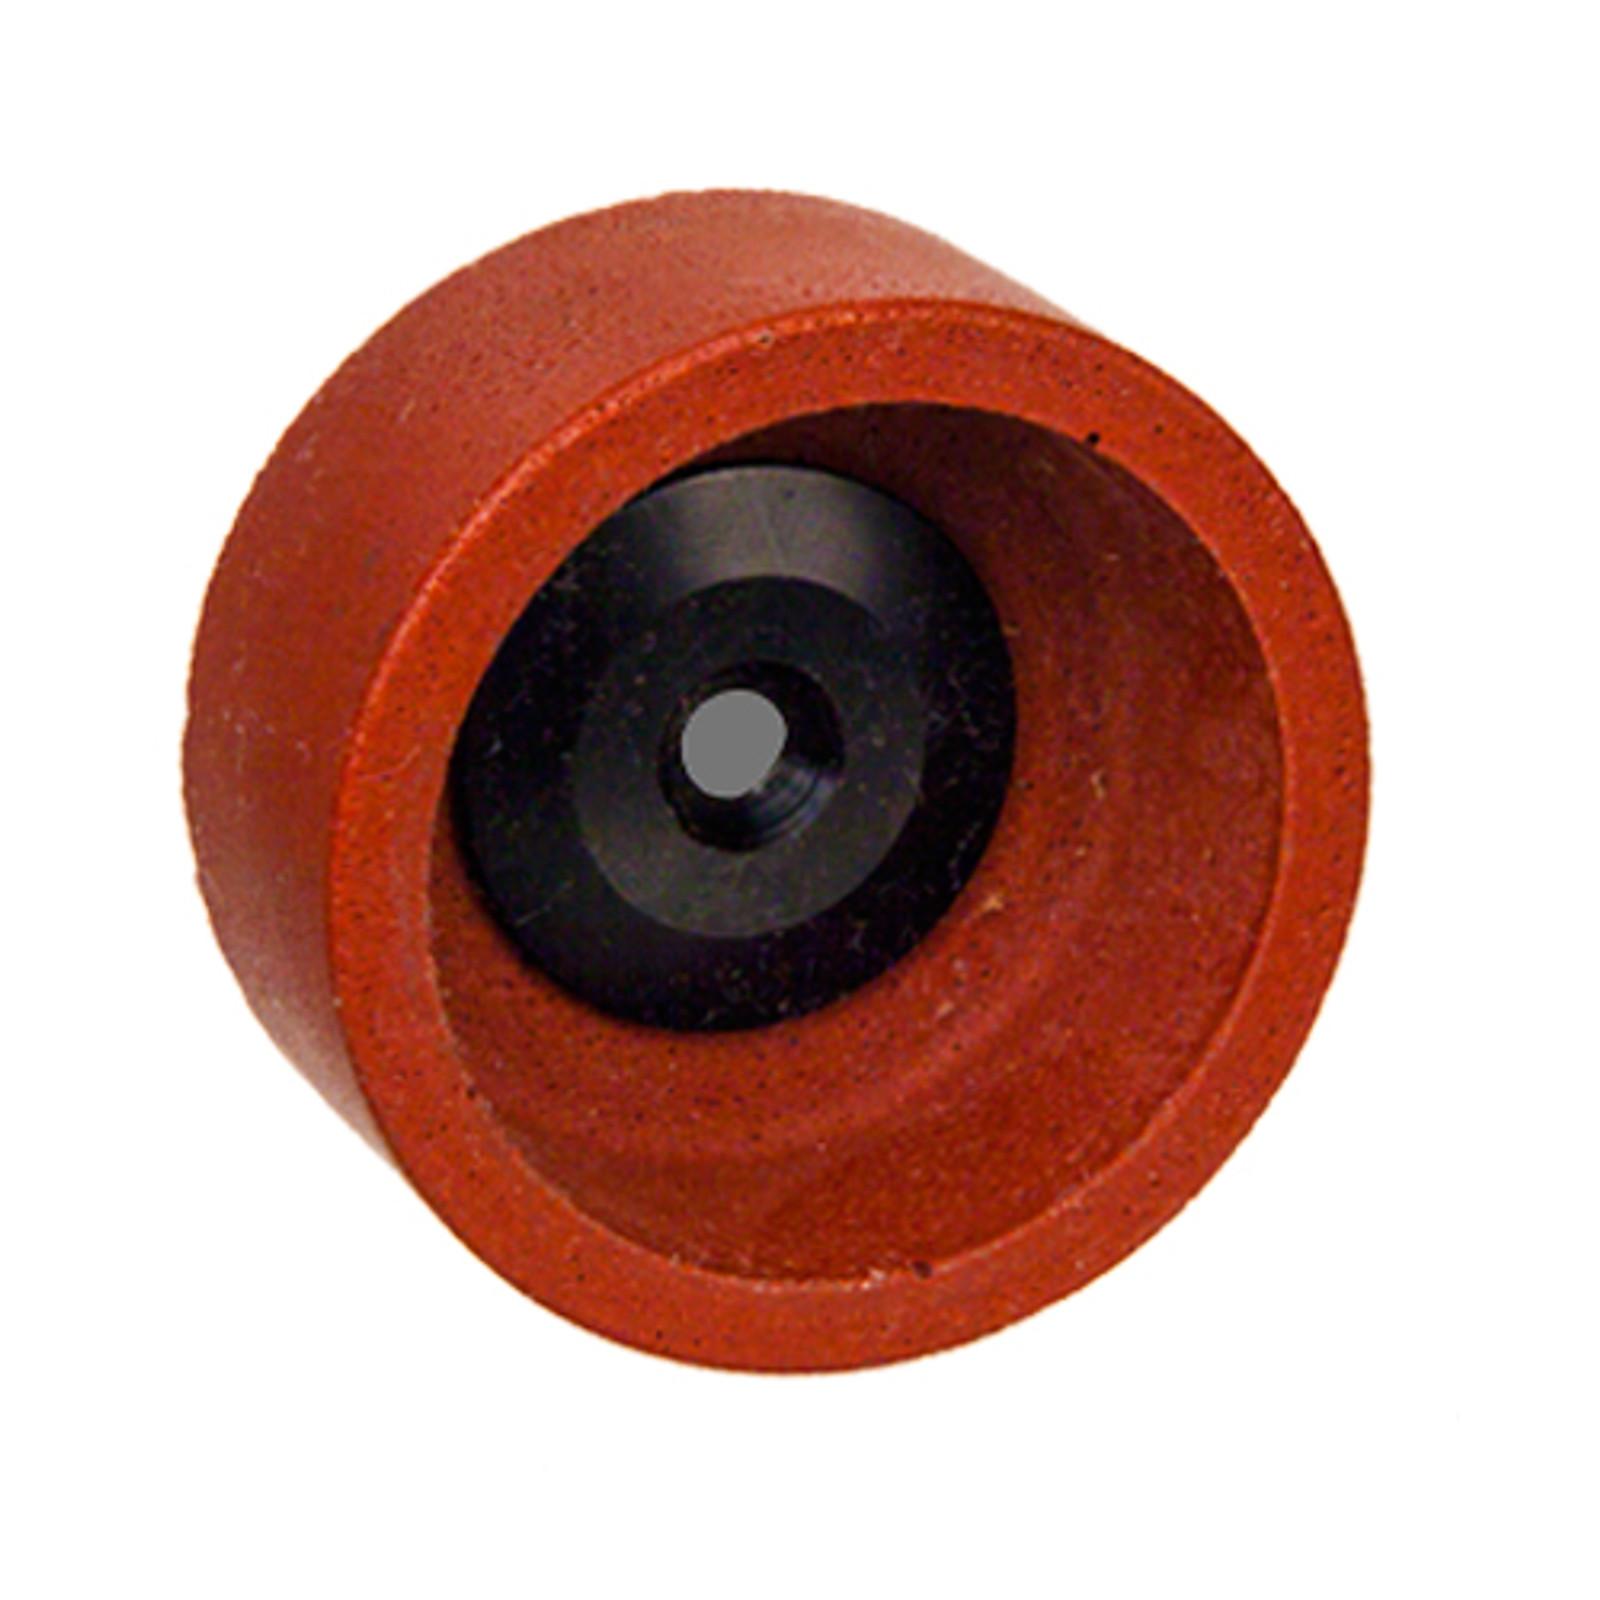 120 grit wheel